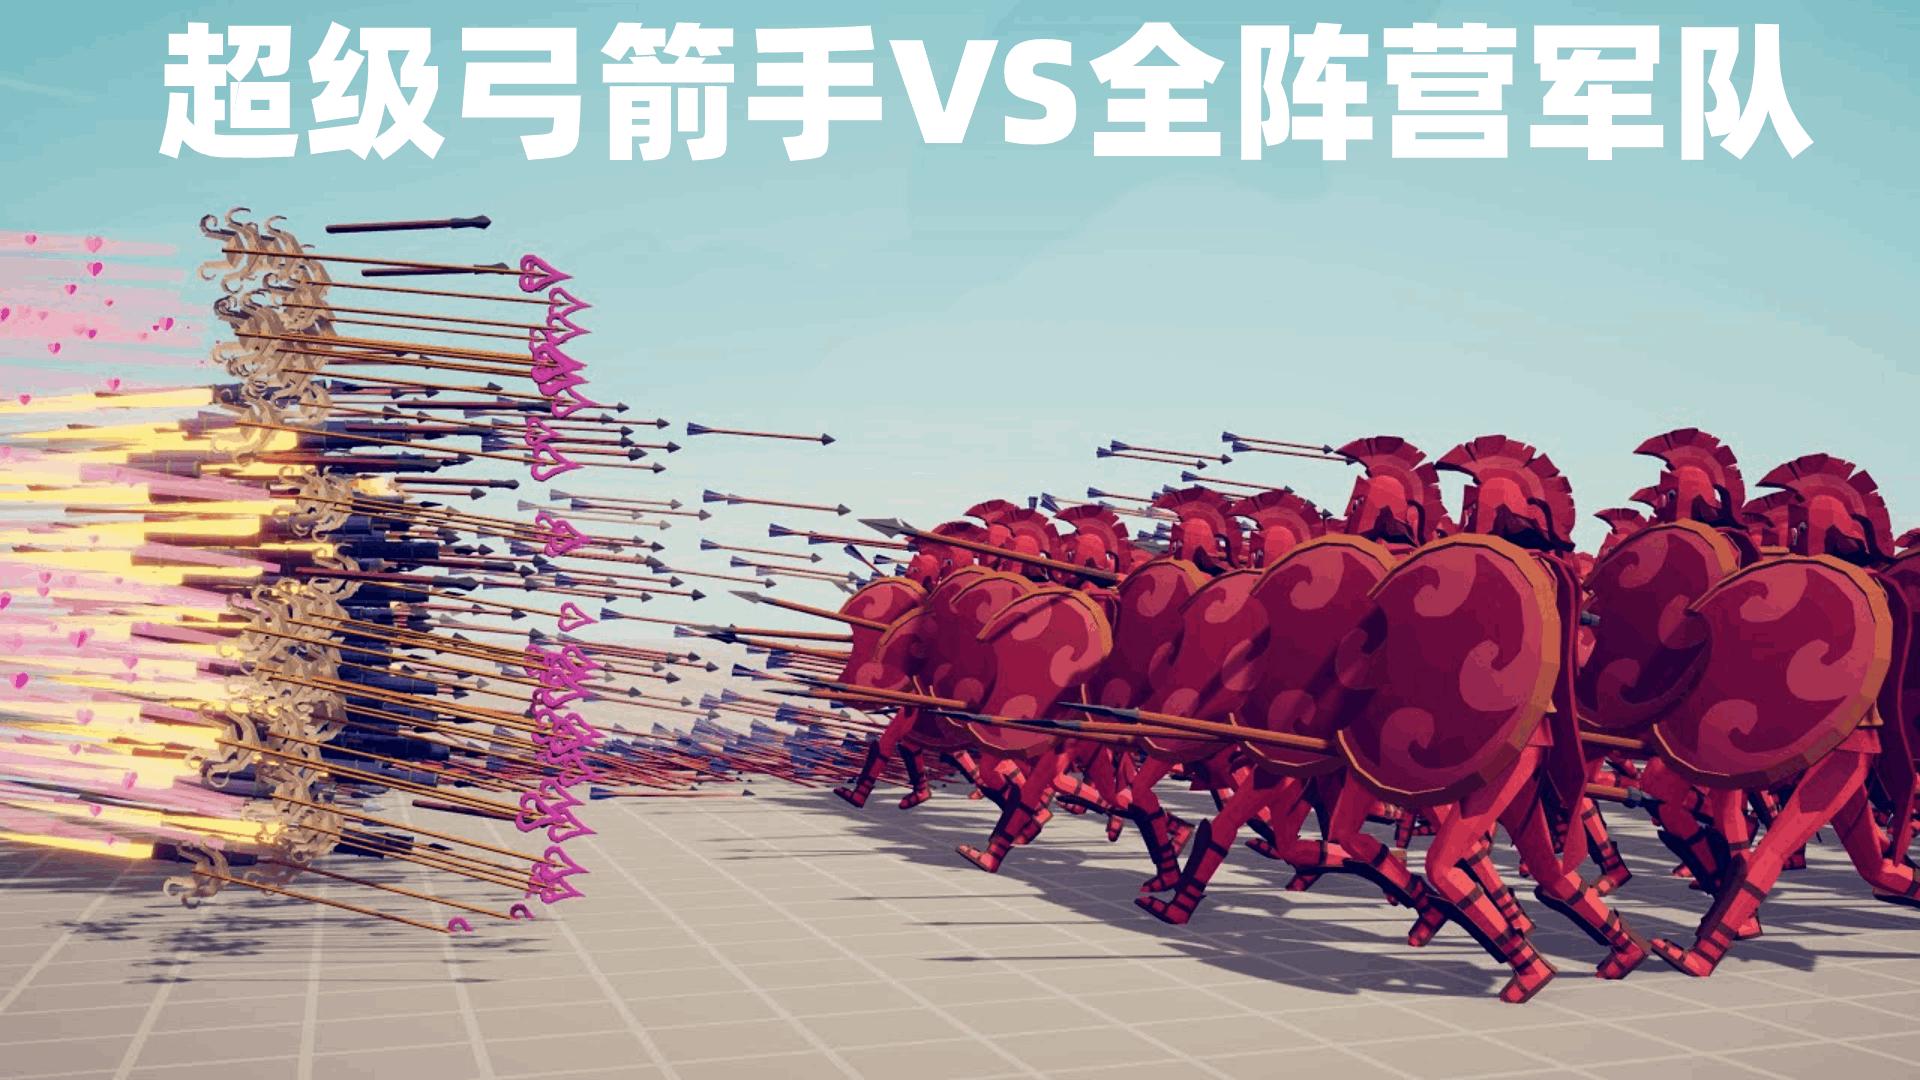 全面战争模拟器:所有超级远程兵种VS全阵营军队!